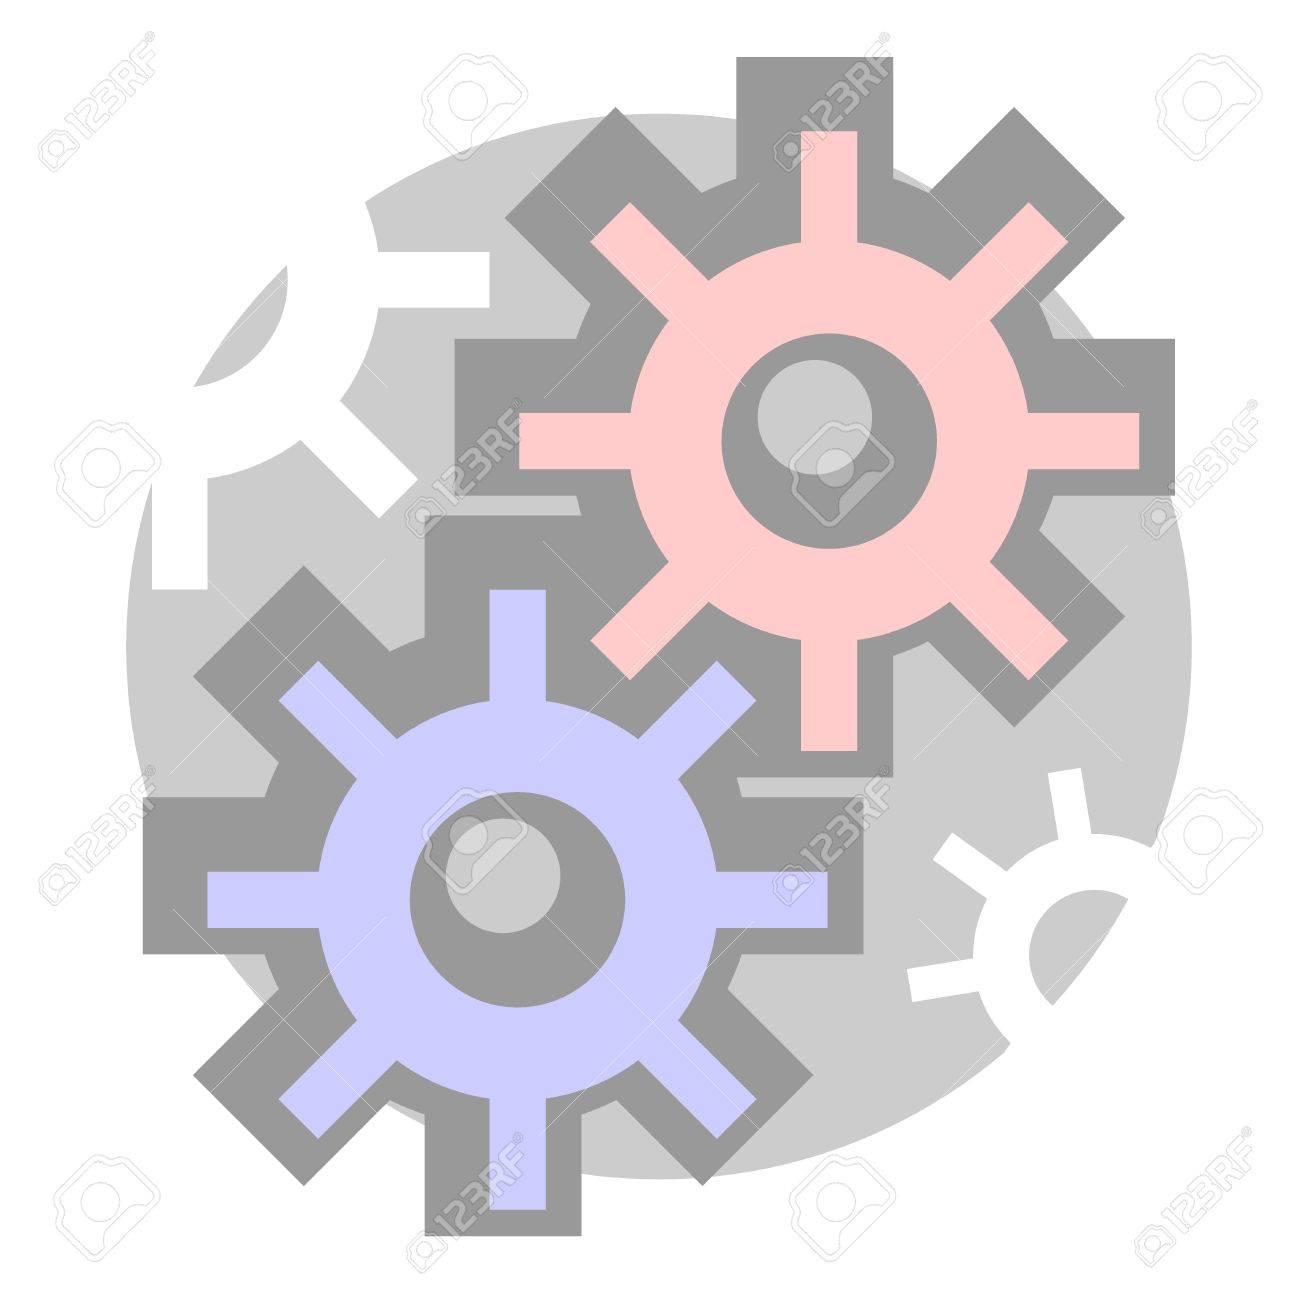 Tech icon Stock Vector - 14399450